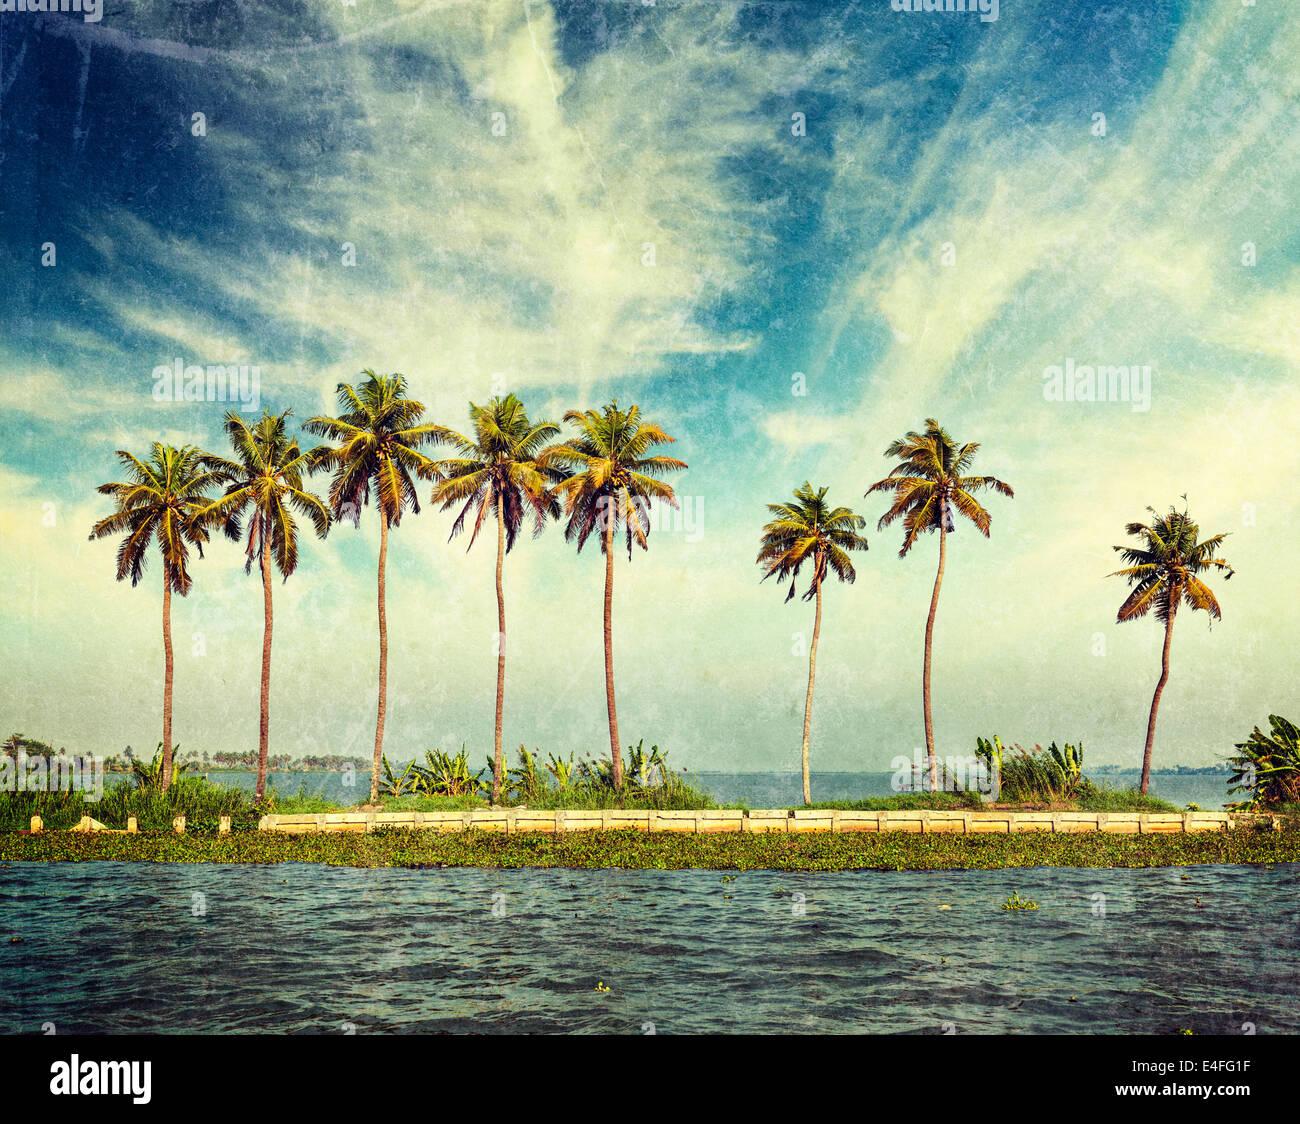 Vintage Retro estilo HIPSTER imagen viajes de palmas en remansos de Kerala con textura grunge superpuestos. Kerala, Imagen De Stock